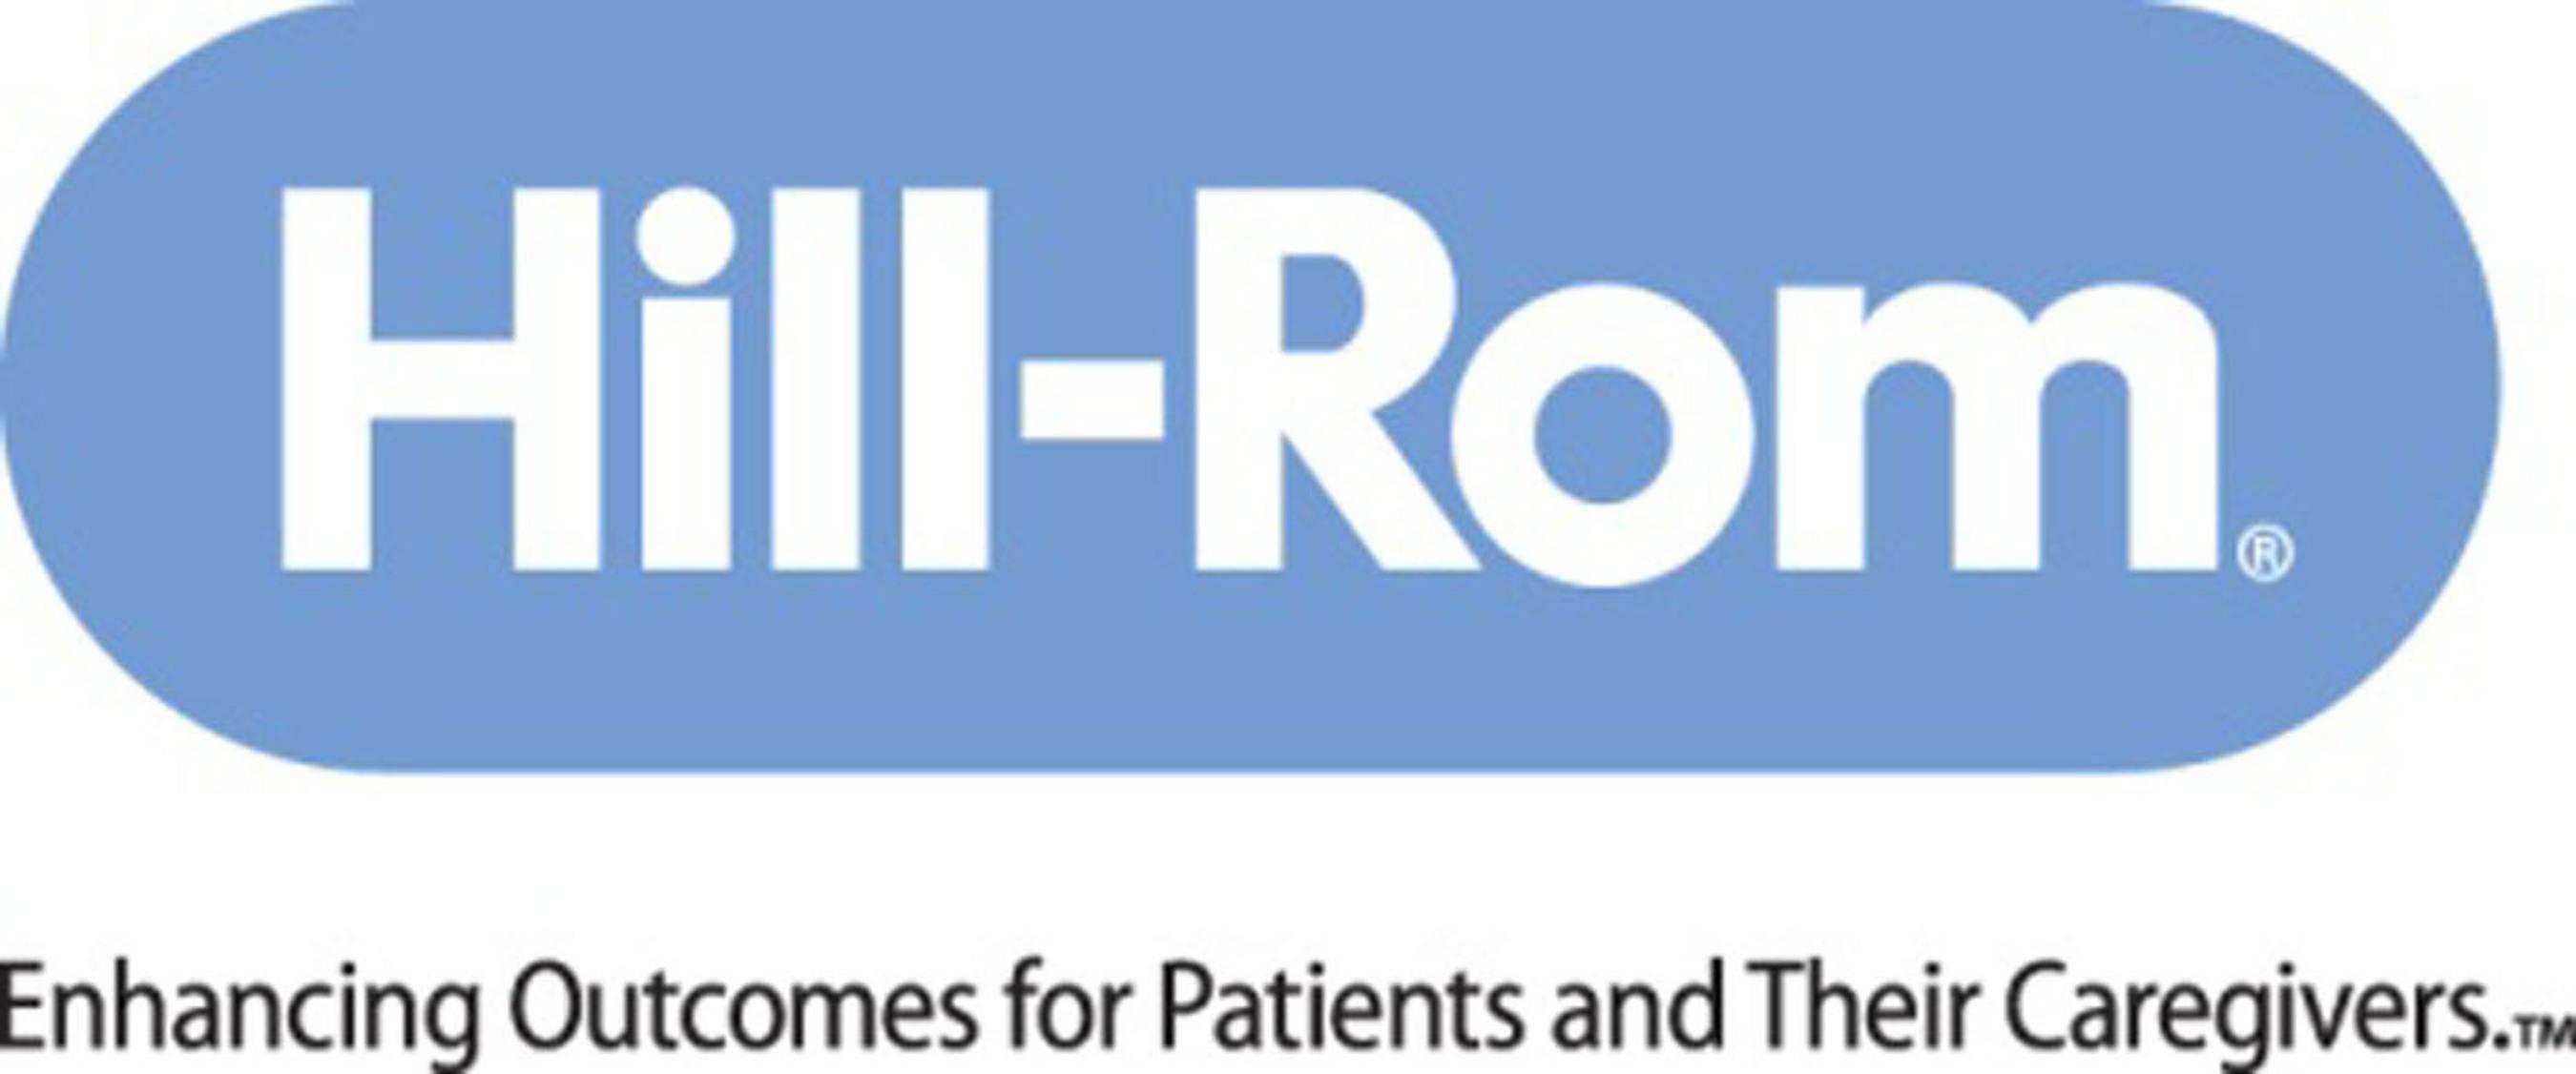 Hill-Rom Logo.